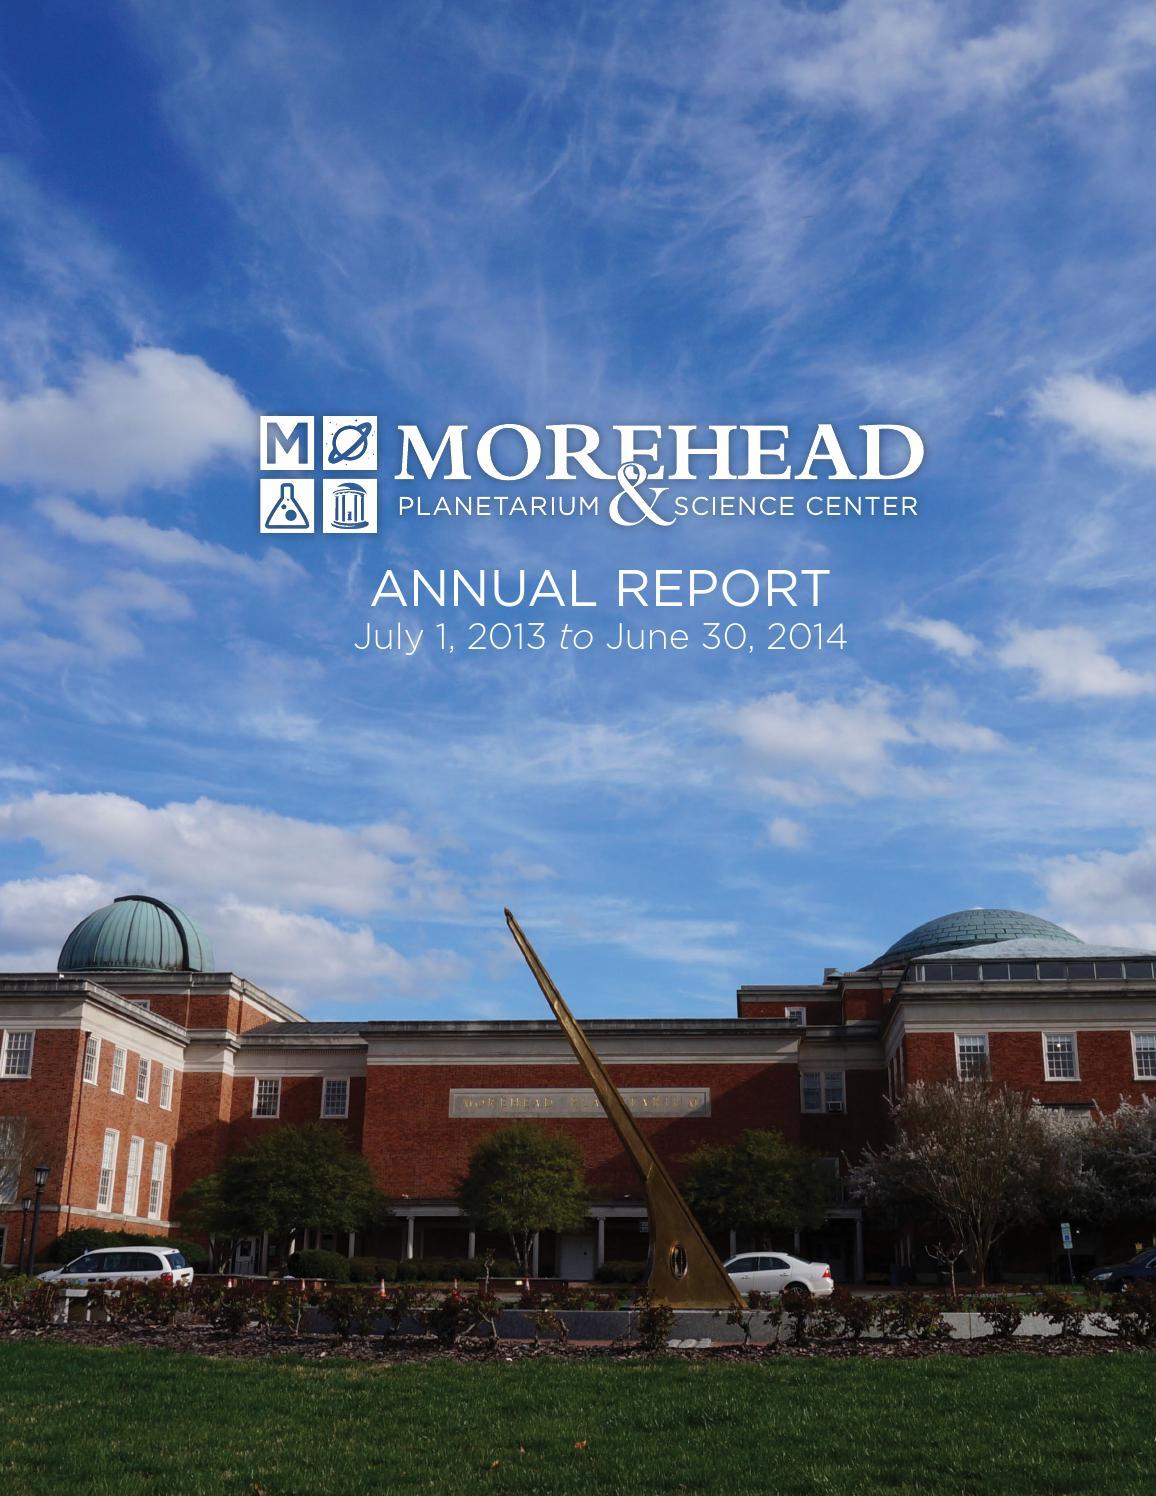 Morehead Planetarium and Science Center Annual Report — 2013